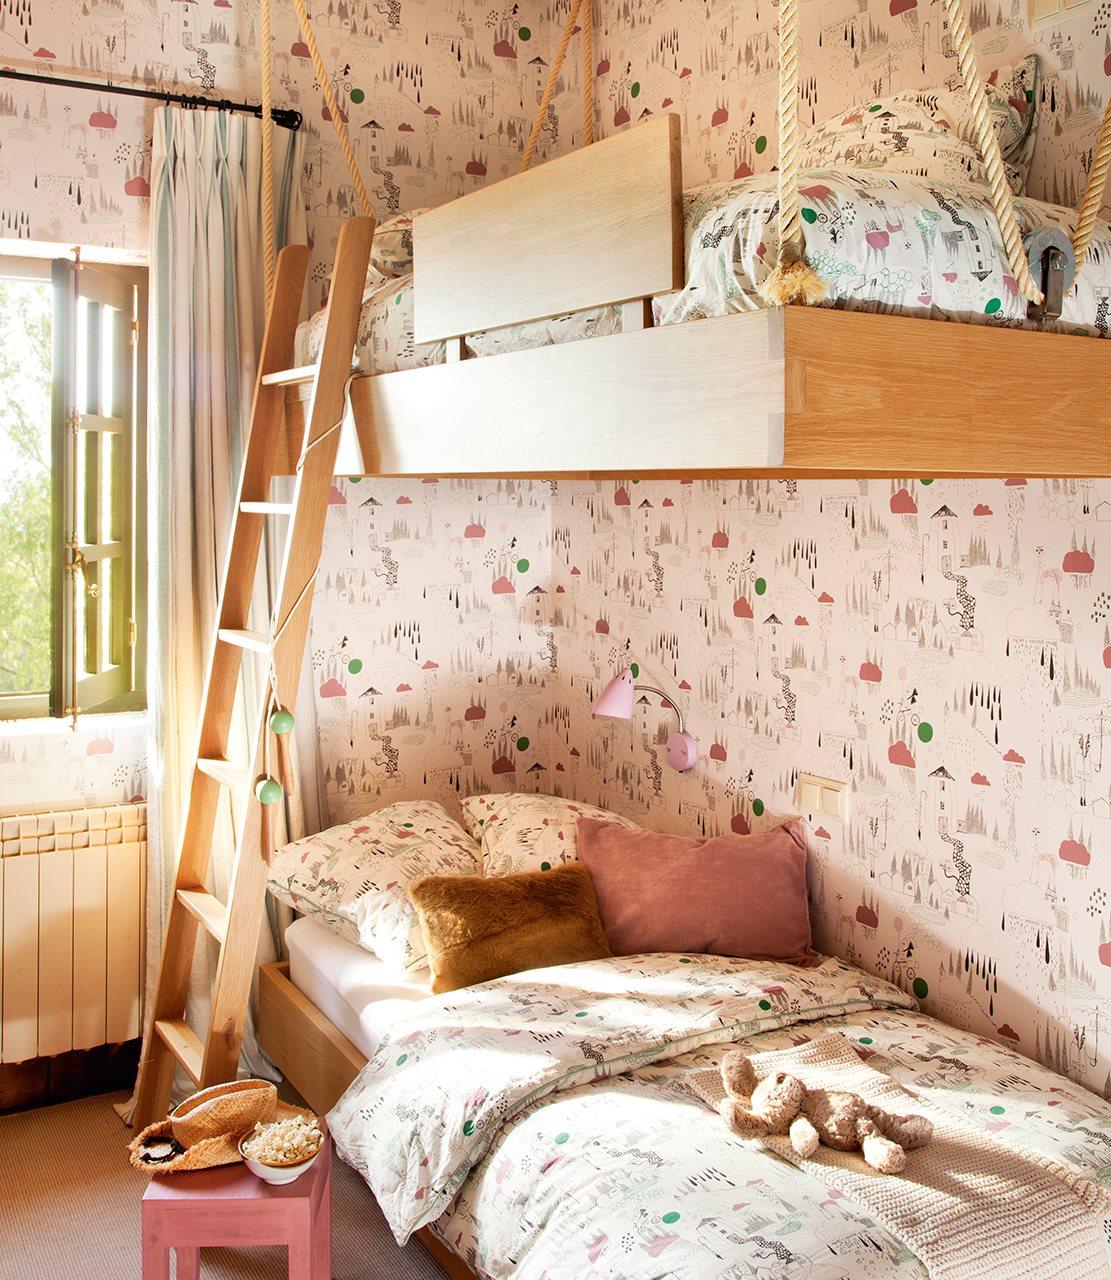 Tres dormitorios con soluciones geniales - Dormitorios para nina ...